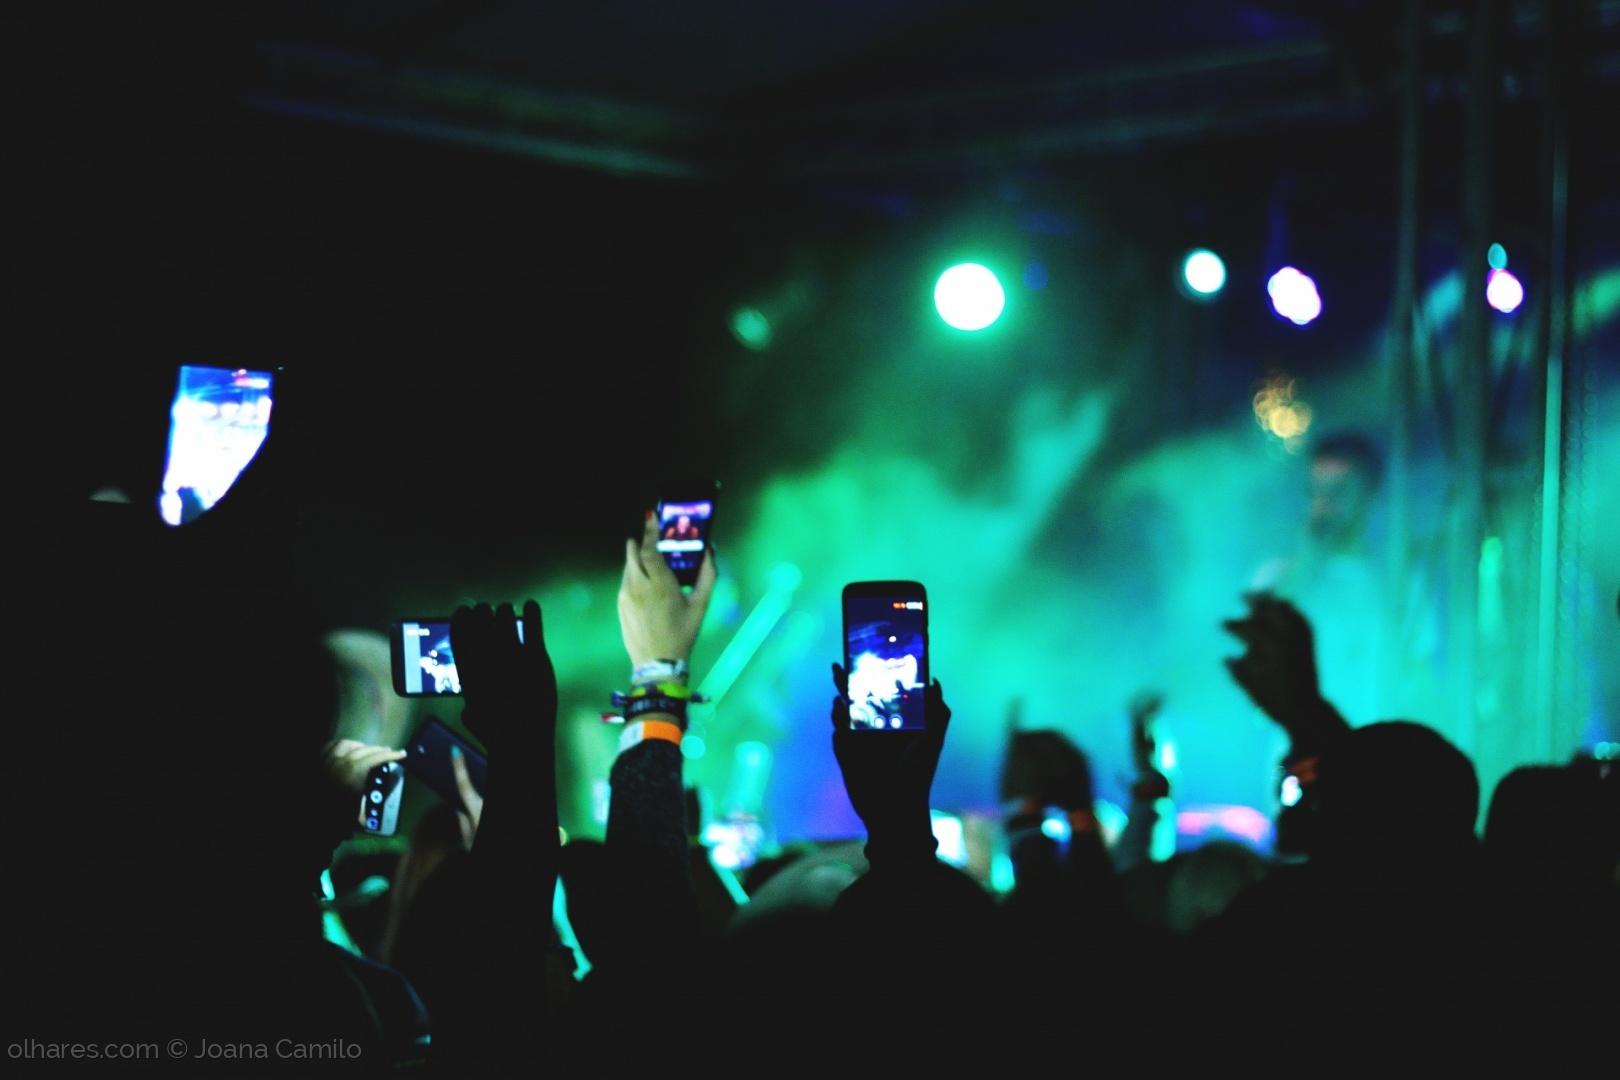 Espetáculos/Novas gerações